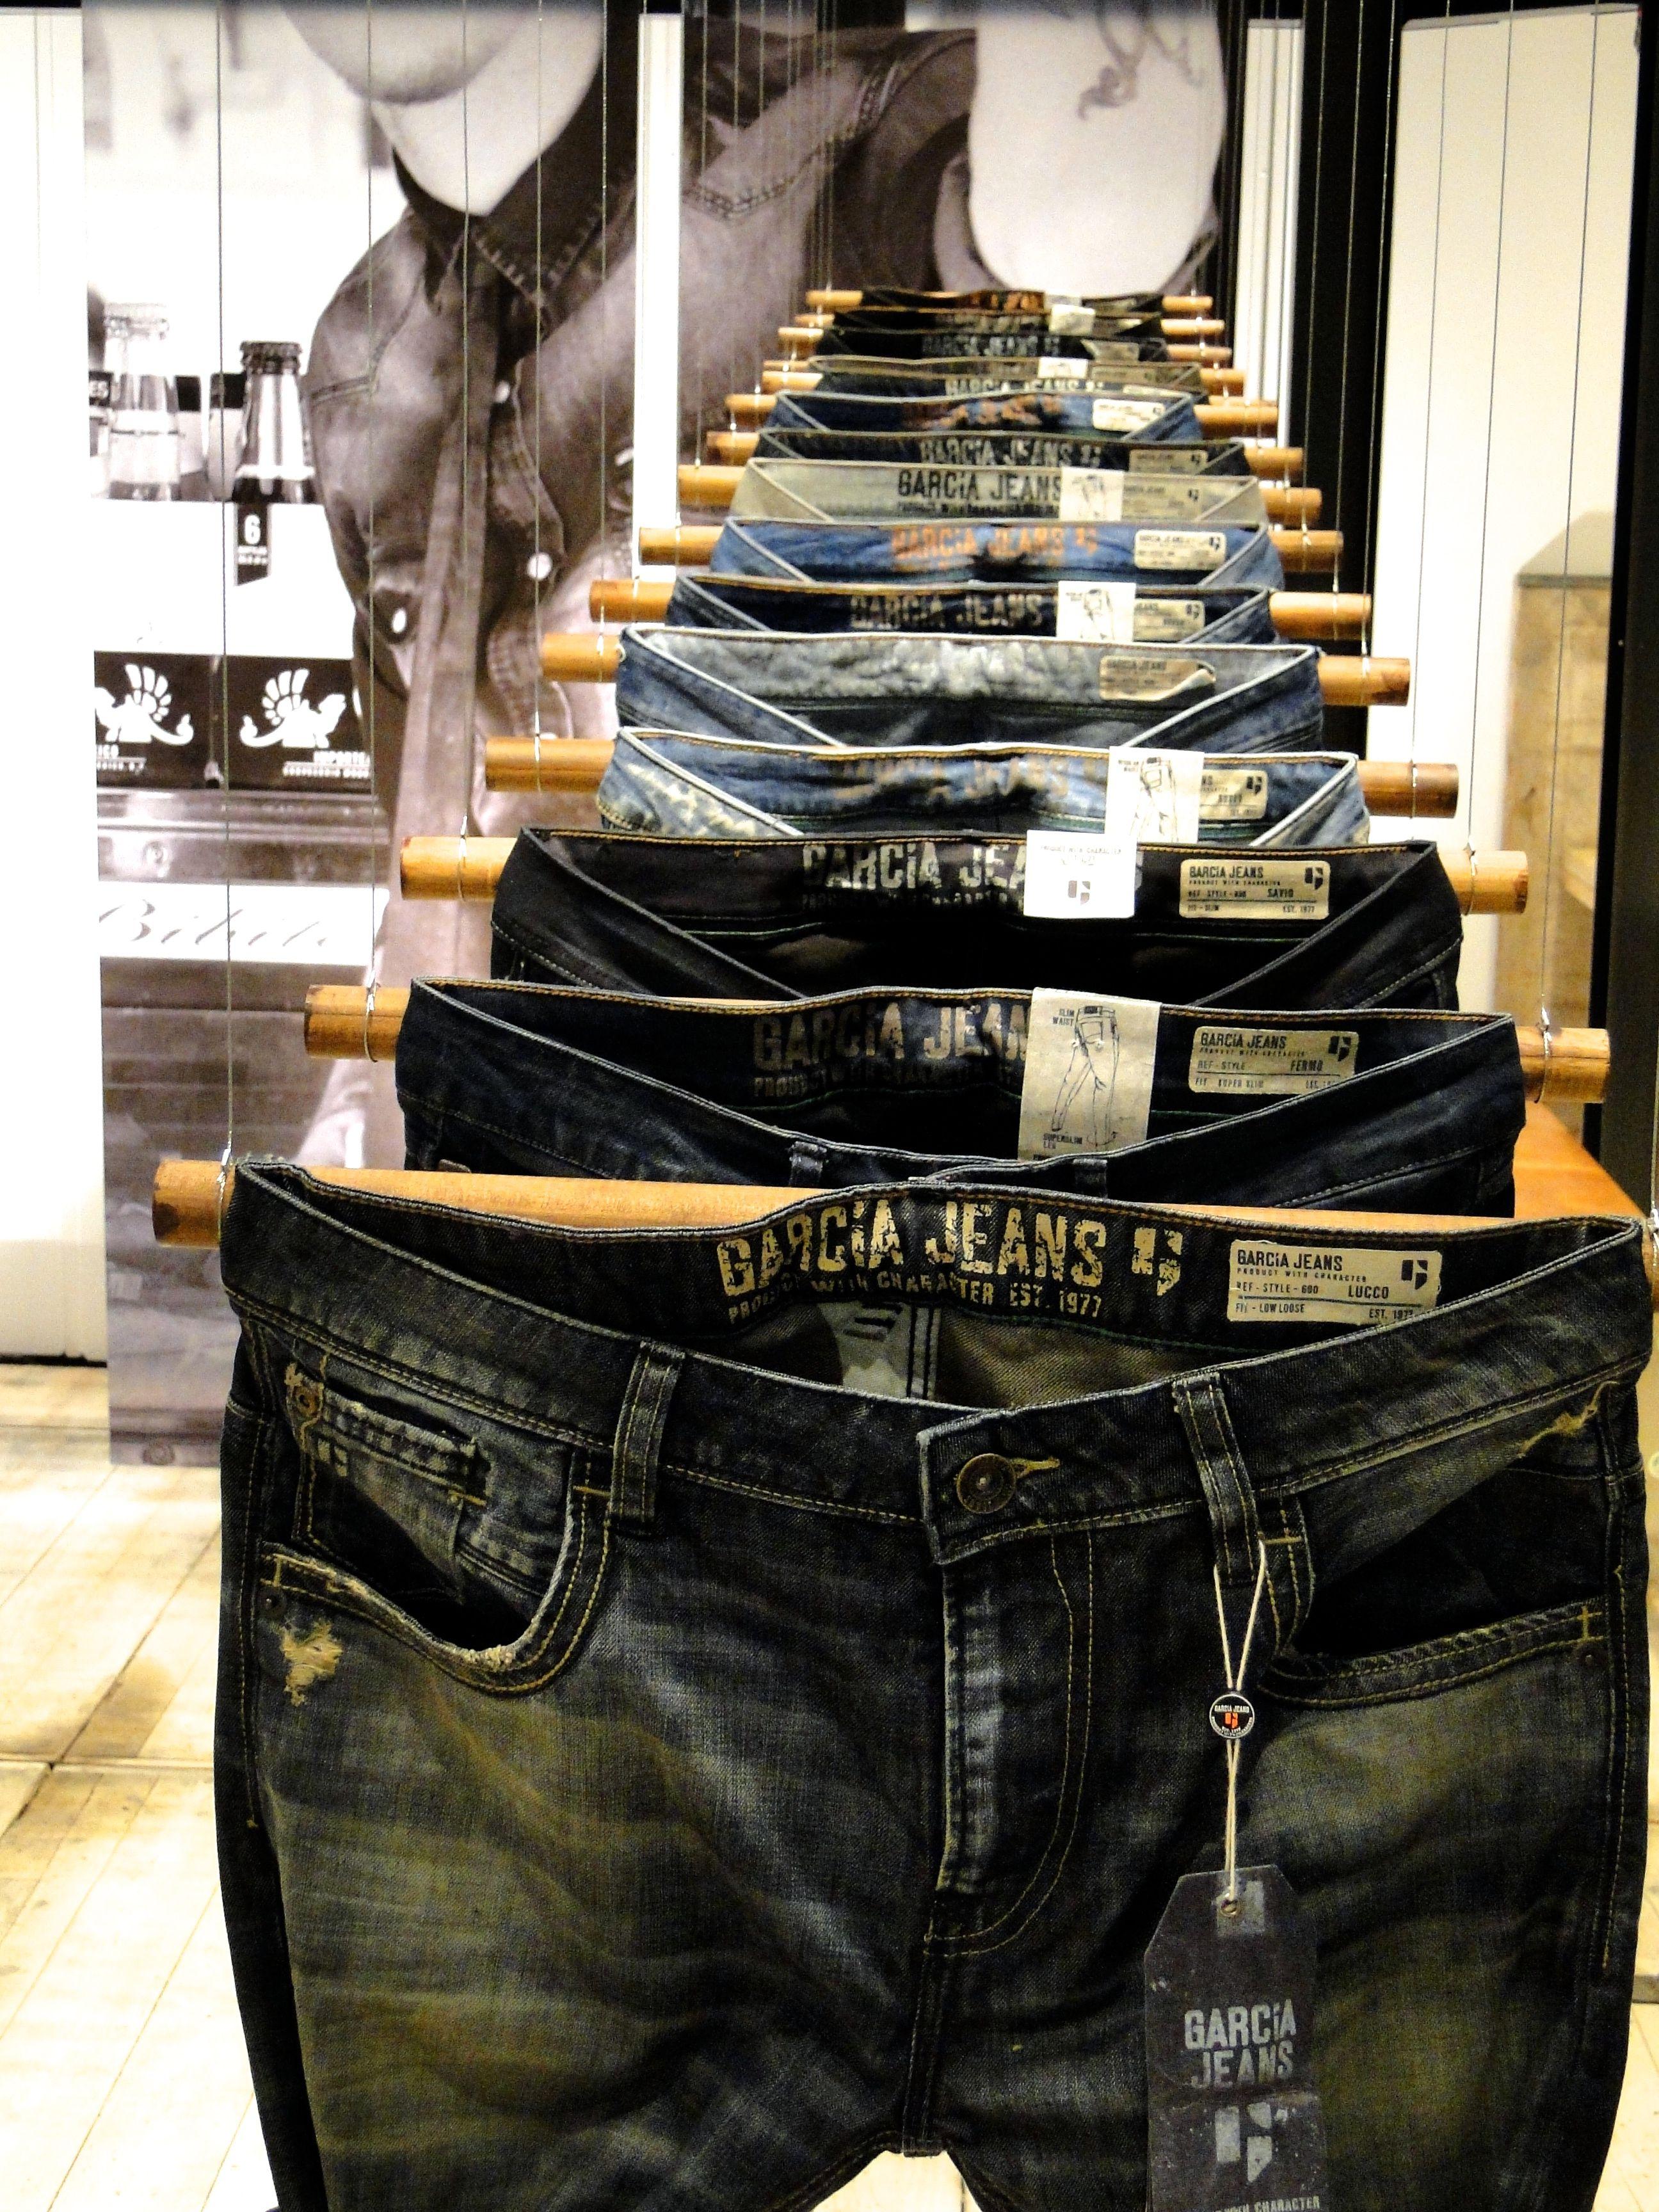 Garcia jeans retail design interior design booth fair ciff copenhagen concept design production installation visual merchandising denim